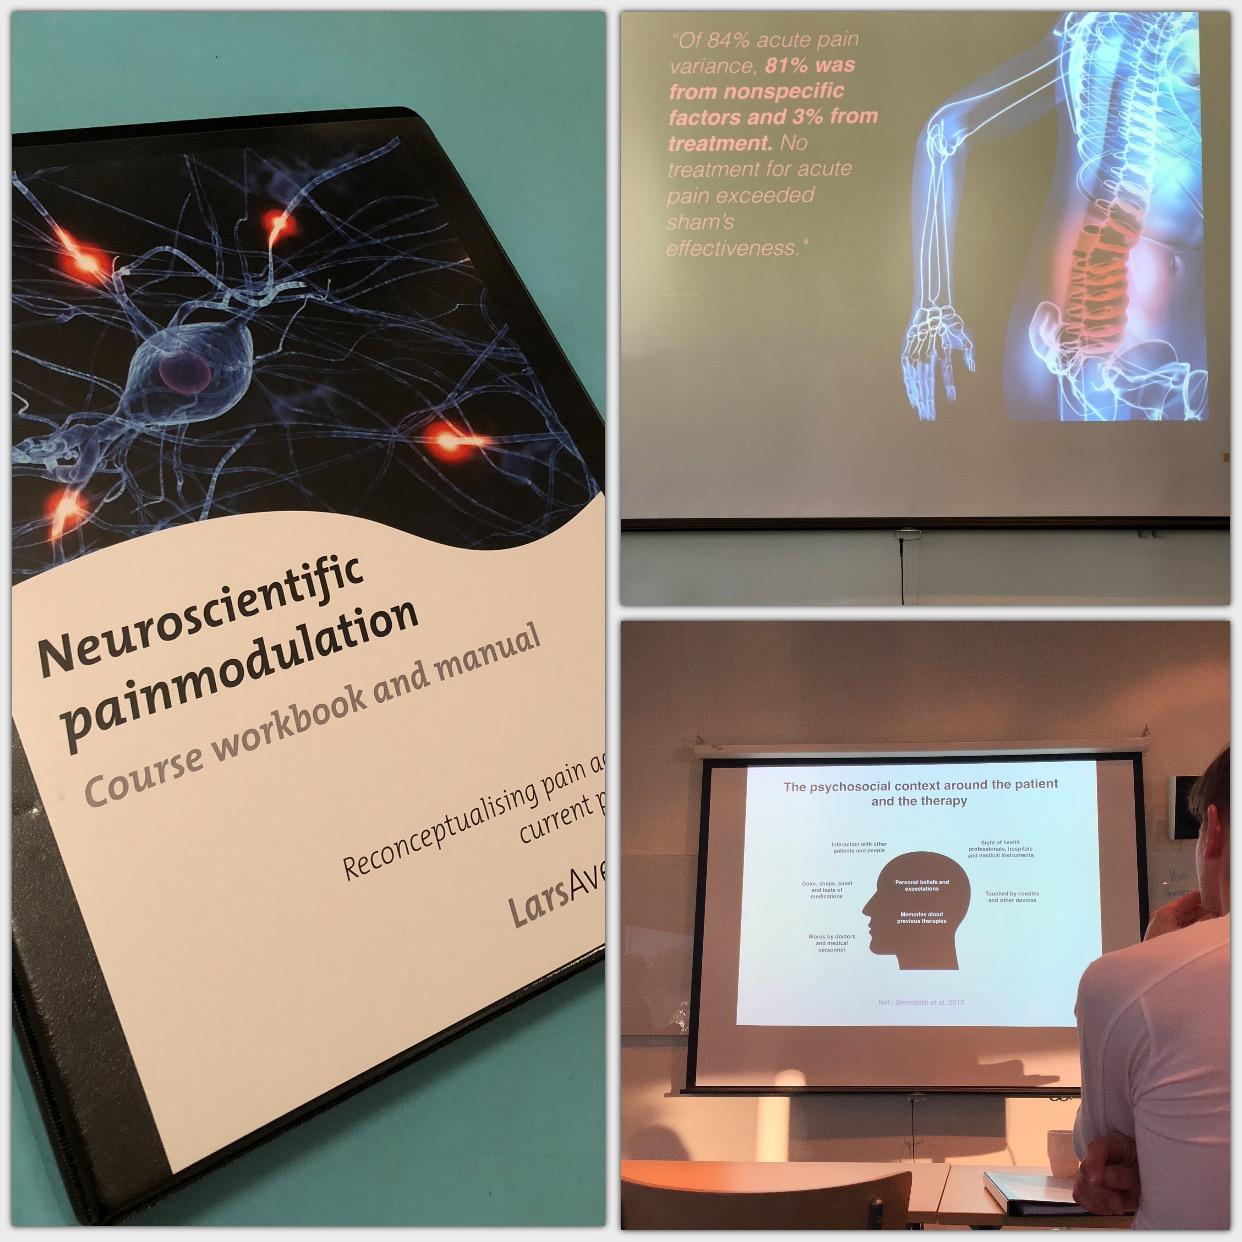 Vår personliga tränare Patrick Rapp var med på utbildningen Neuroscientific painmodulation i Göteborg